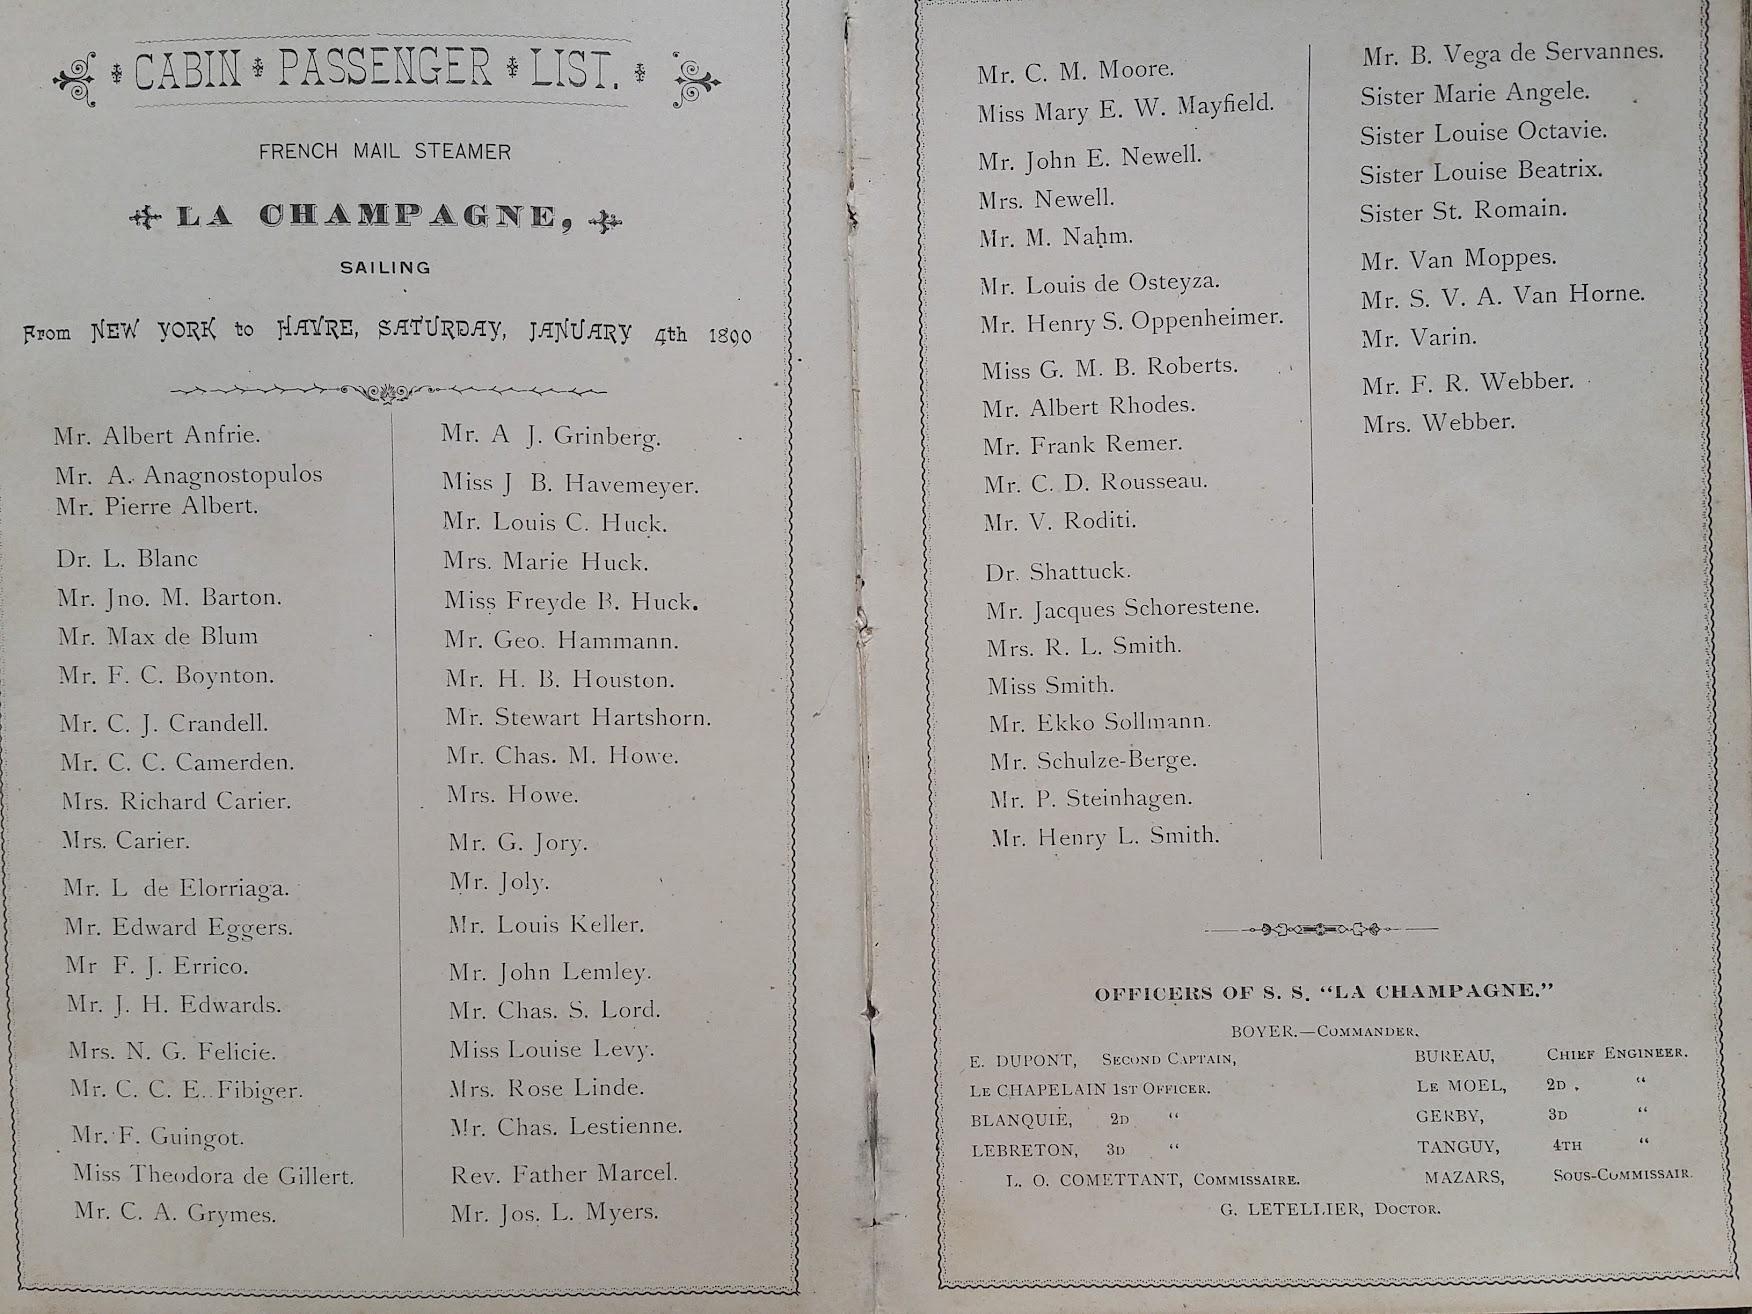 Compagnie Generale Transatlantique, New York - Le Havre - Paris, Passagierliste 1890 - La Champagne